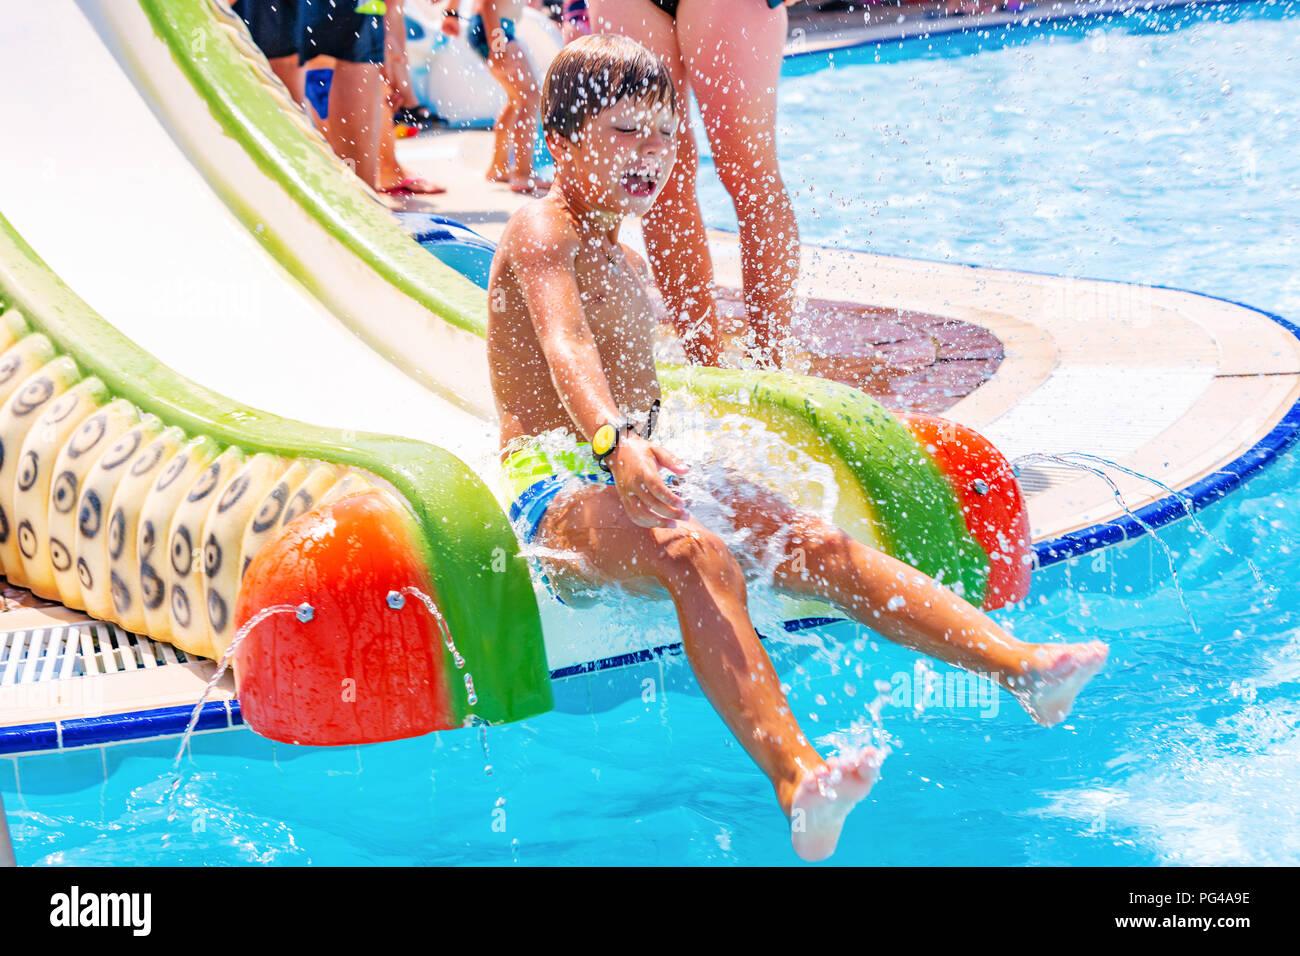 Un muchacho feliz en tobogán de agua en una piscina divertirse durante las vacaciones de verano en un hermoso parque acuático. Un muchacho deslizaba hacia abajo el tobogán de agua y las salpicaduras. Imagen De Stock